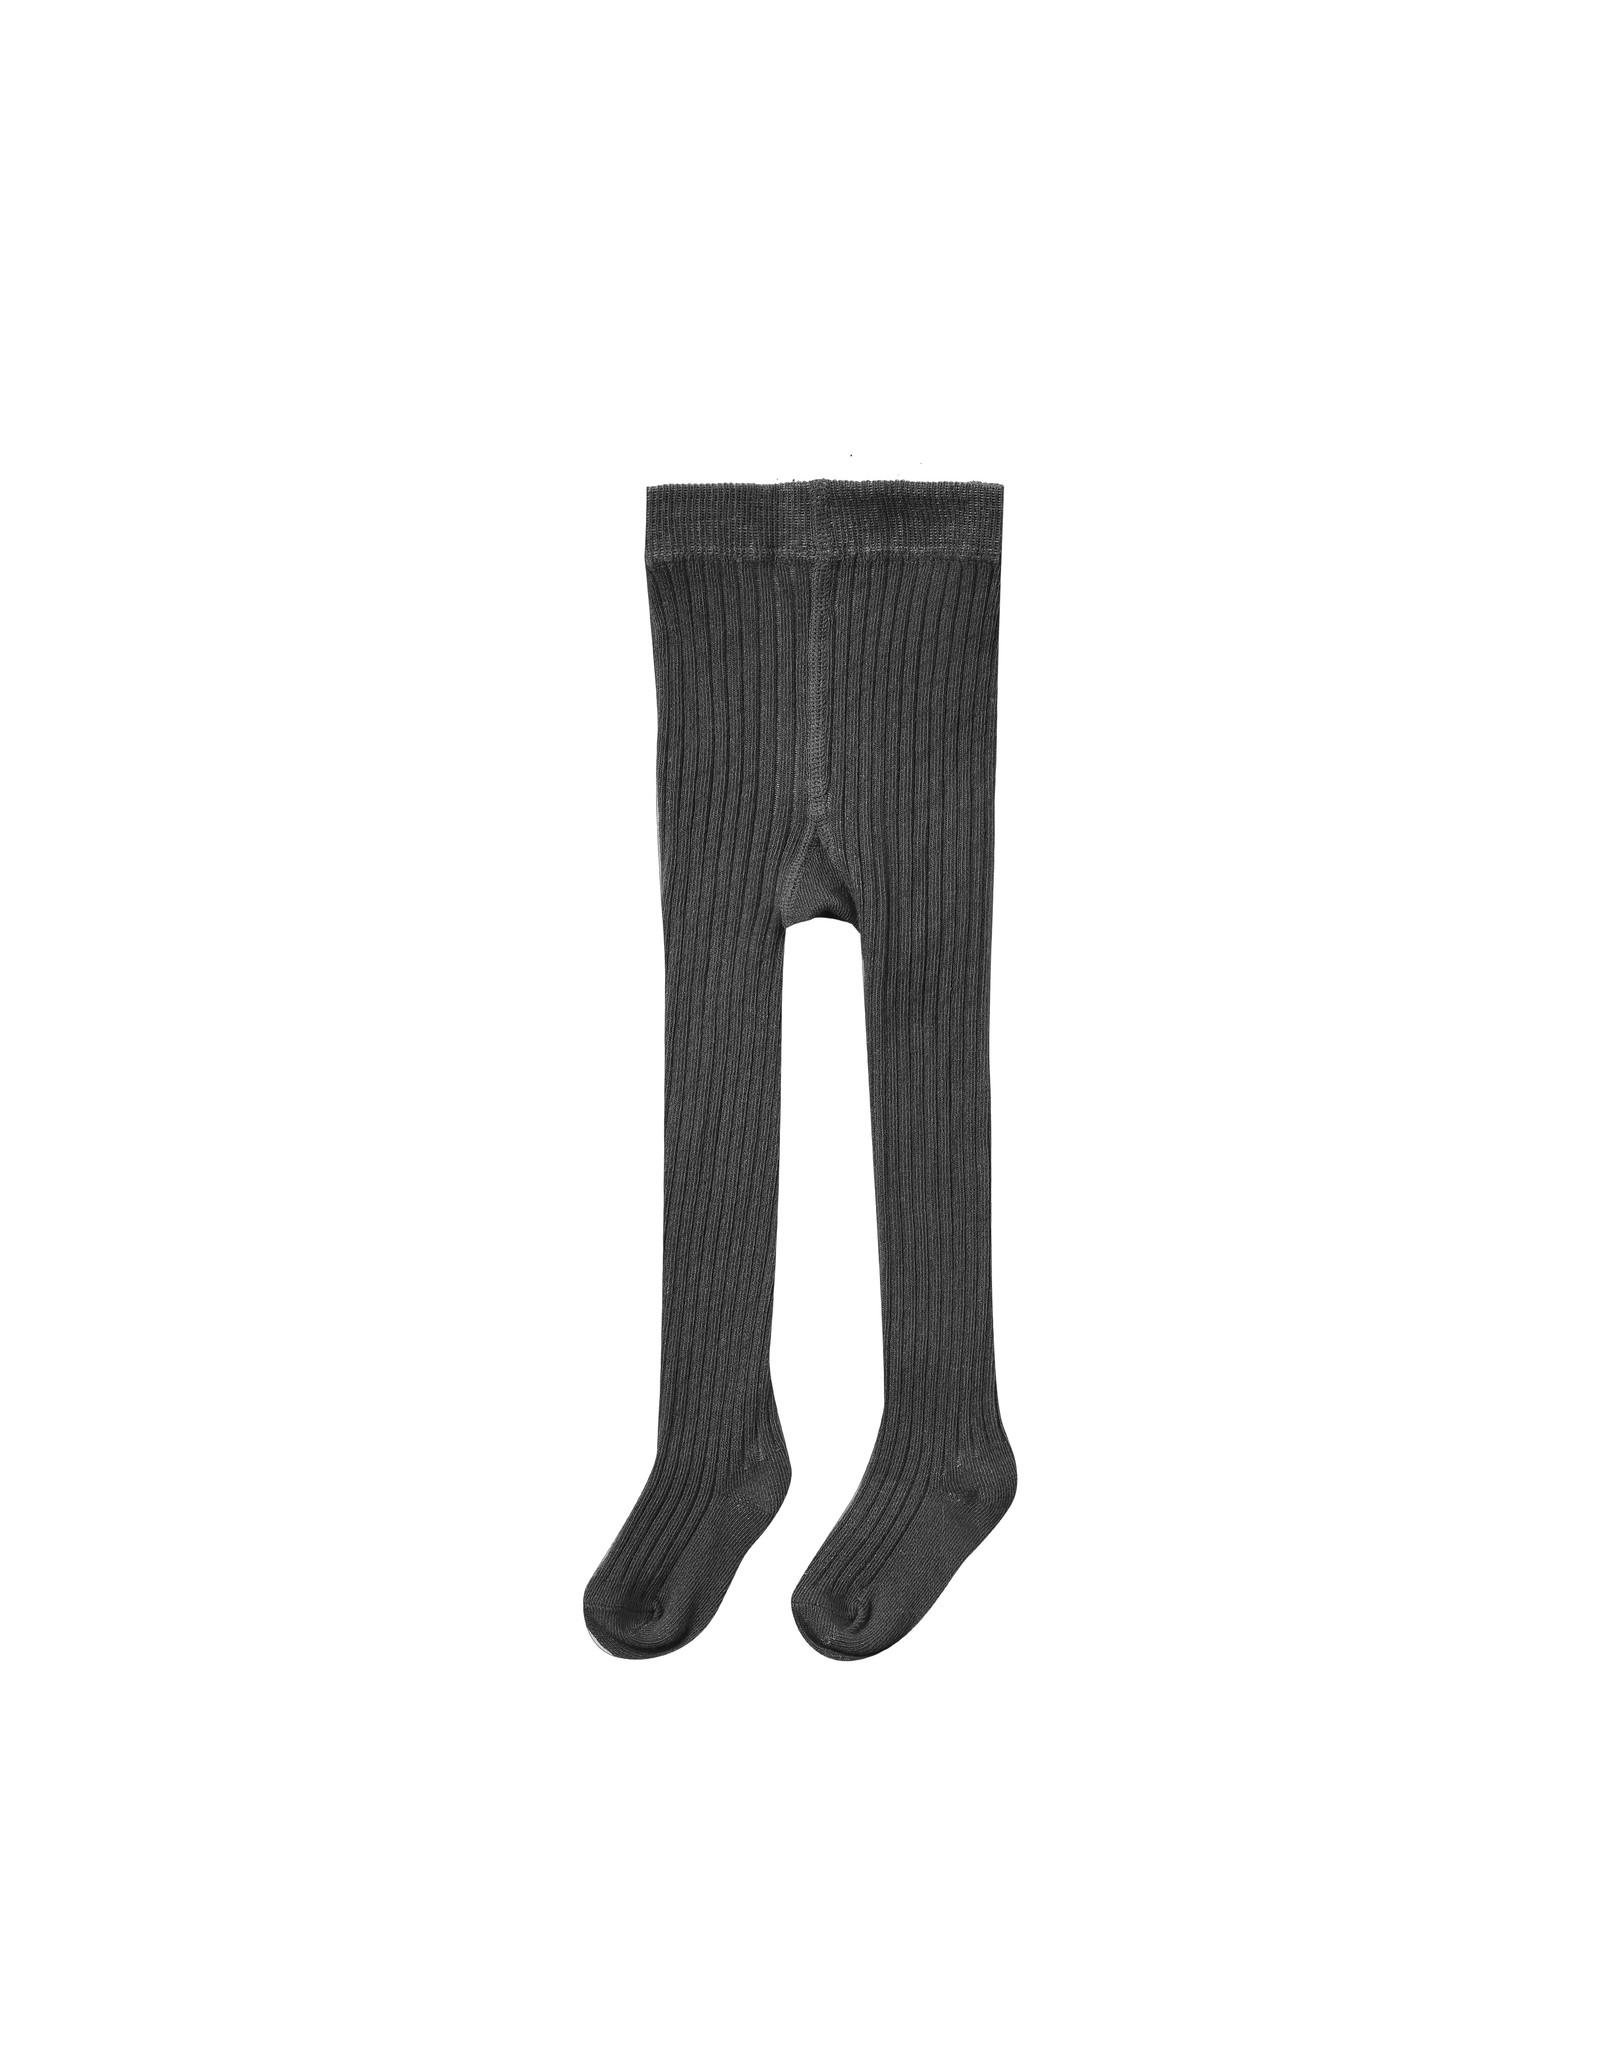 Rylee + Cru Rib Knit Tights - Vintage Black